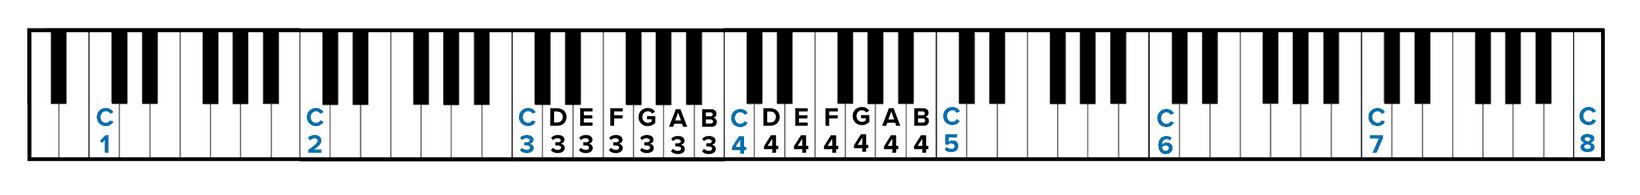 Xác định C4 trên đàn piano 88 phím để đọc nốt và đàn dễ dàng hơn